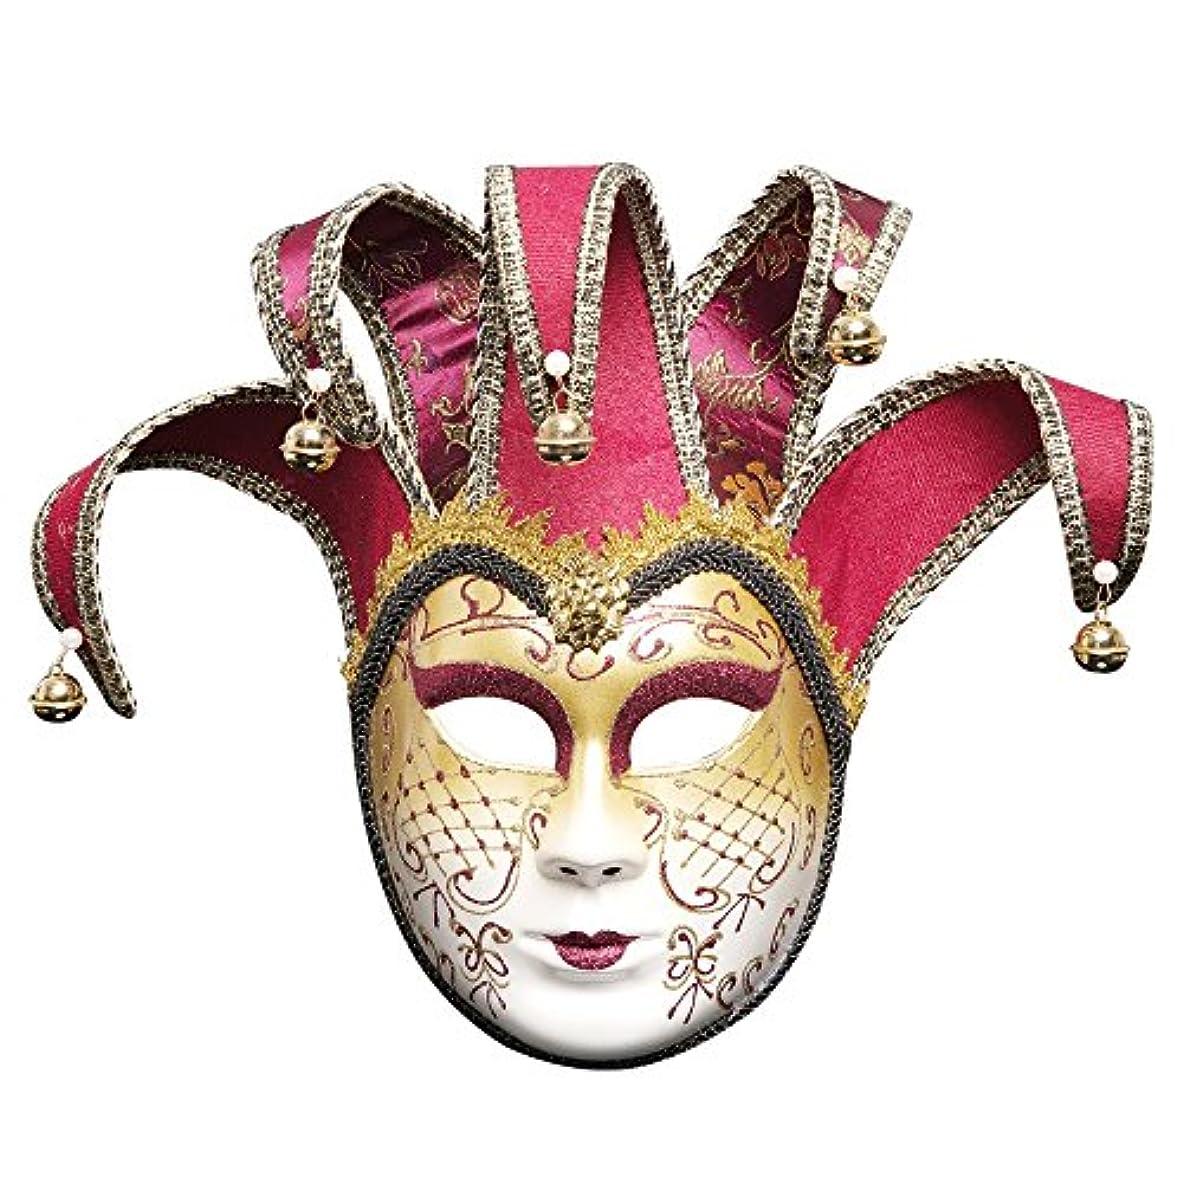 顎広告する入浴ハロウィンボールパーティーマスククリスマスクリエイティブ新しいフルフェイスメイクアップマスク (Color : E)